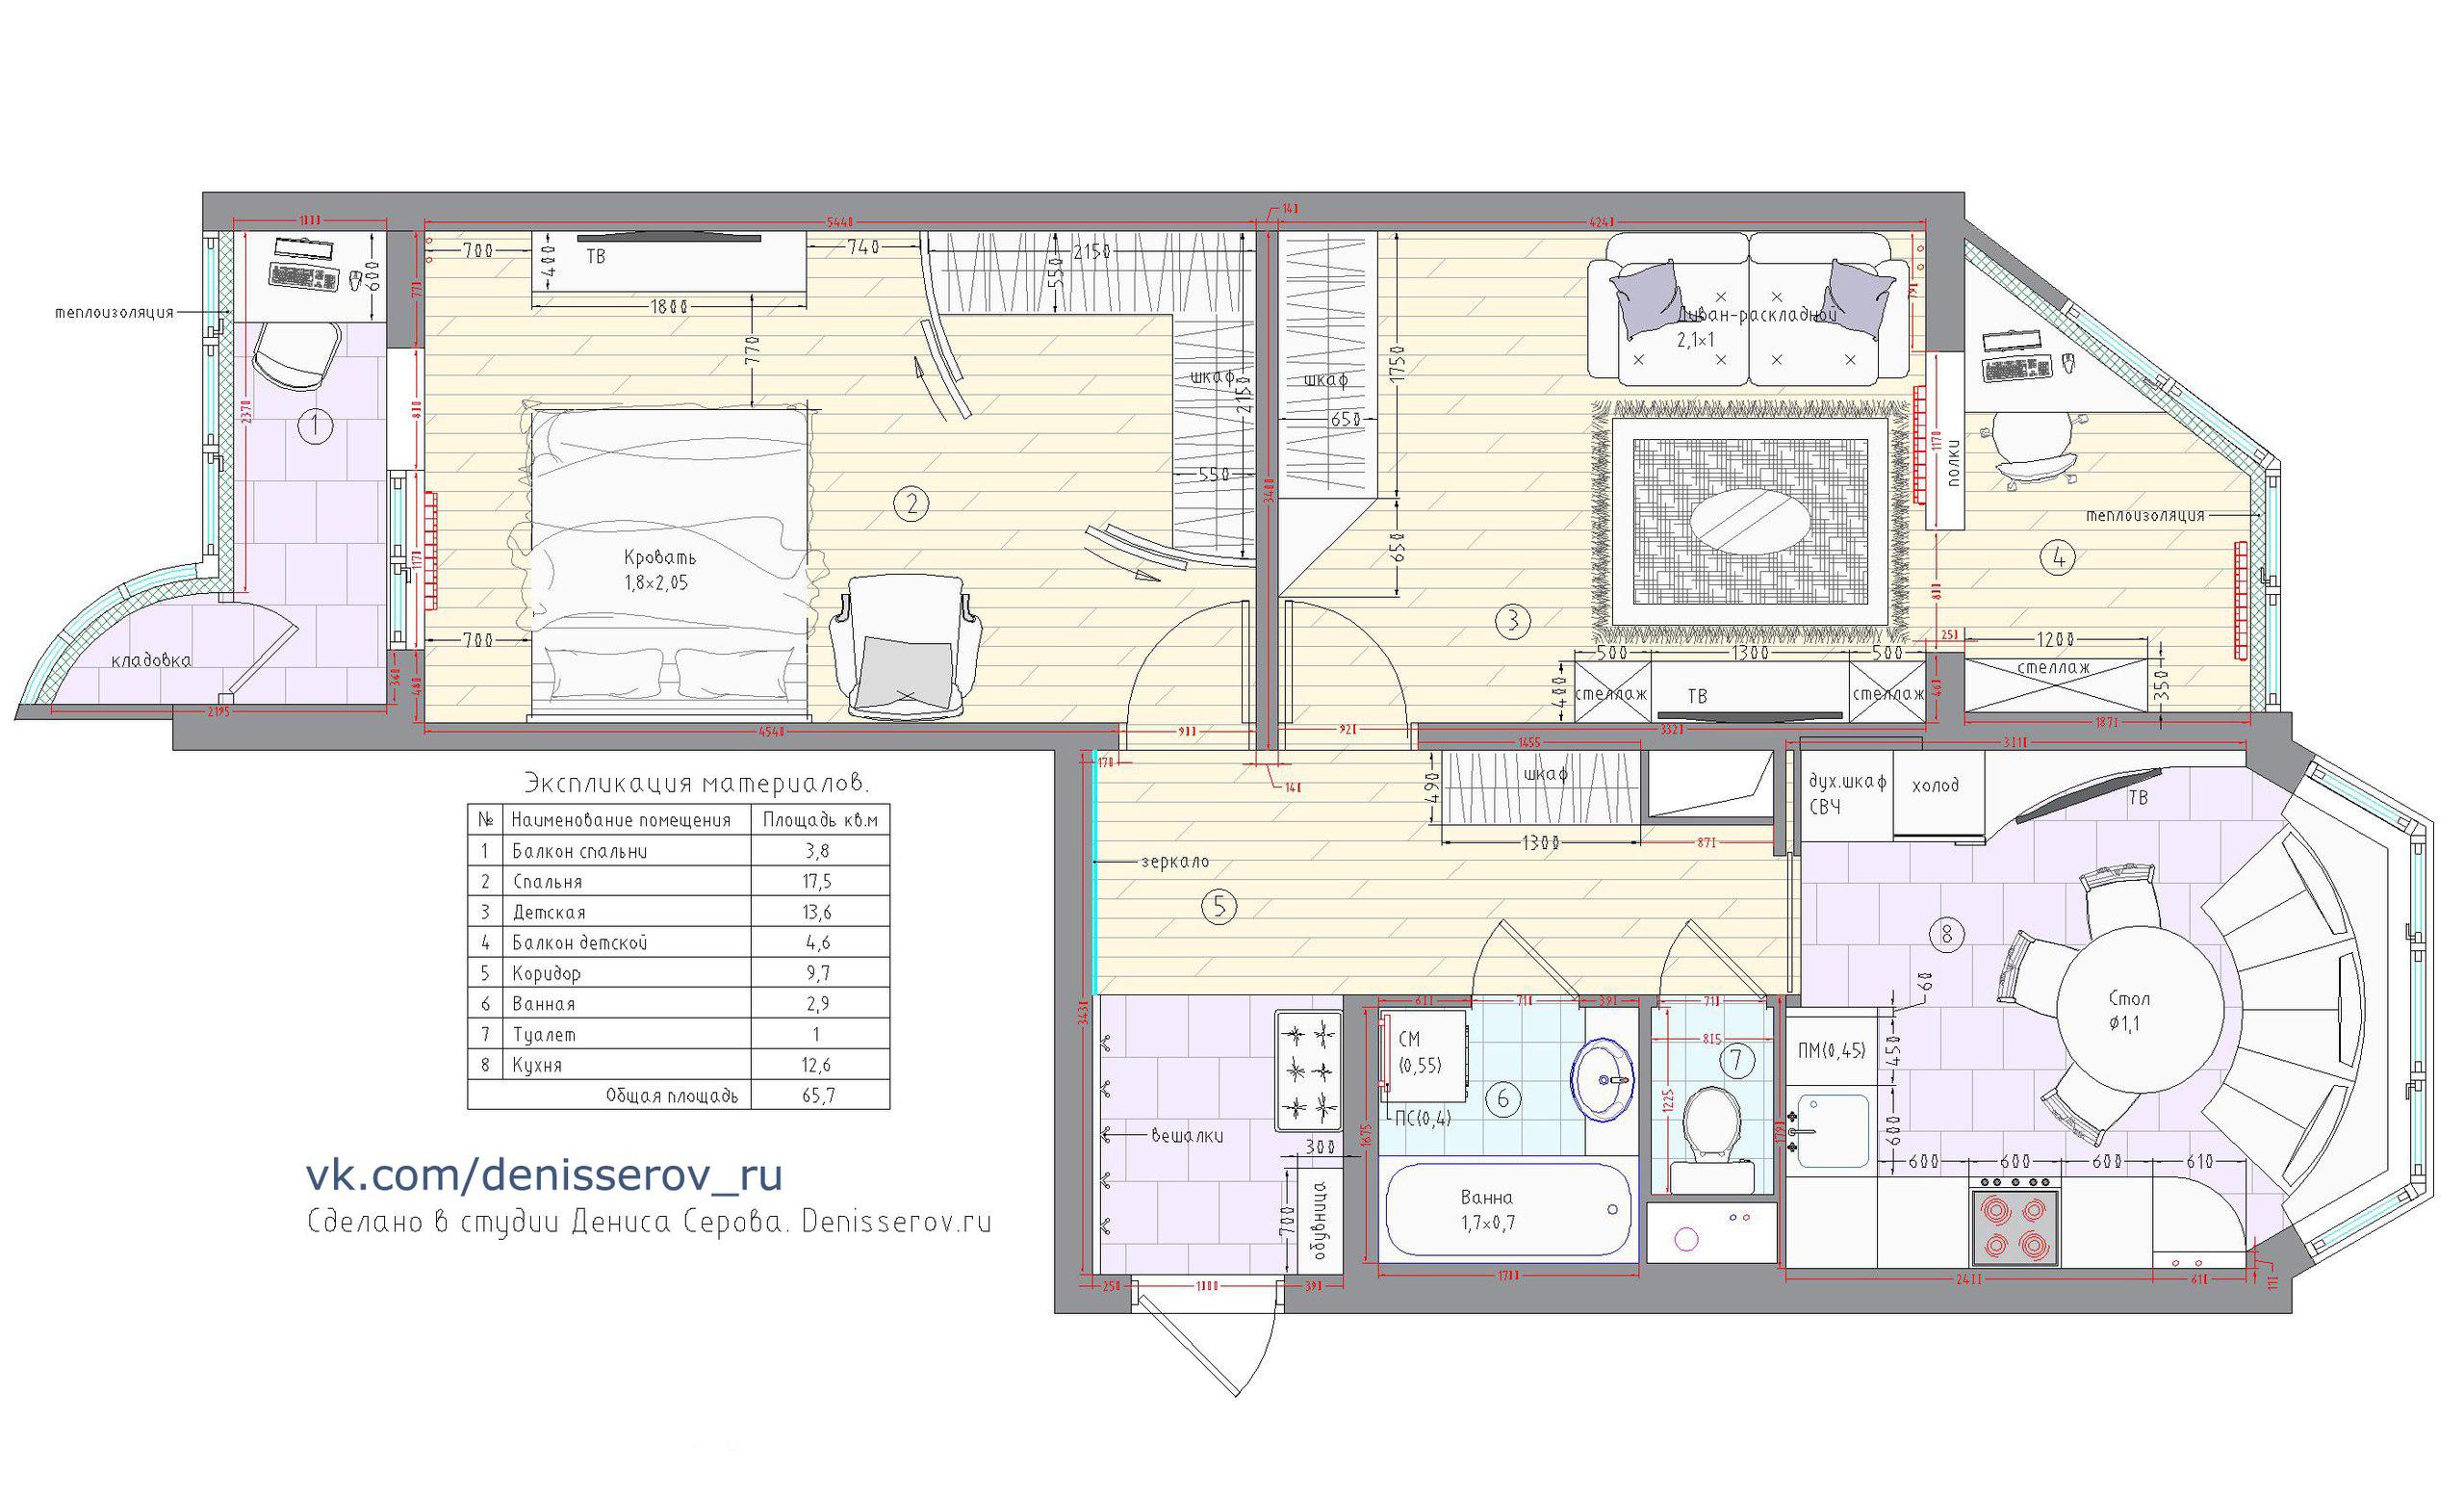 Расценки на отделку квартир Заетол - советы по ремонту